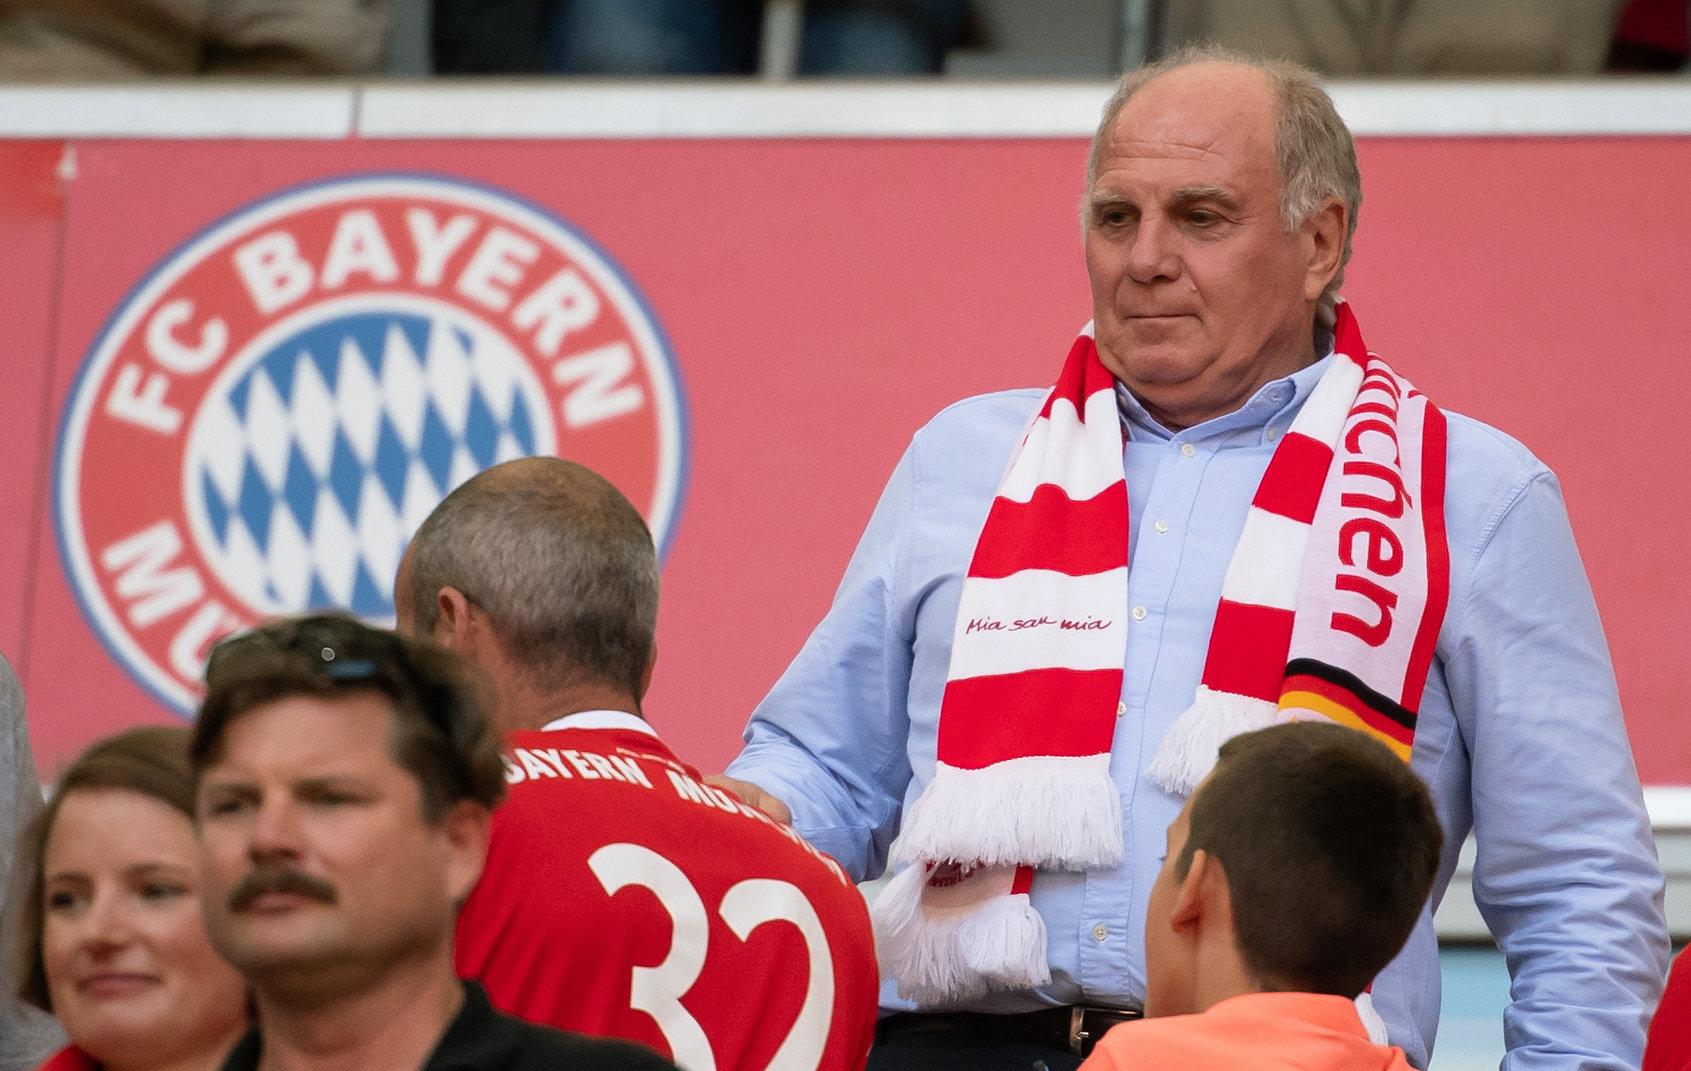 Gemeiner Seitenhieb Gegen Uli Hoeneß Könnte Der Fußball